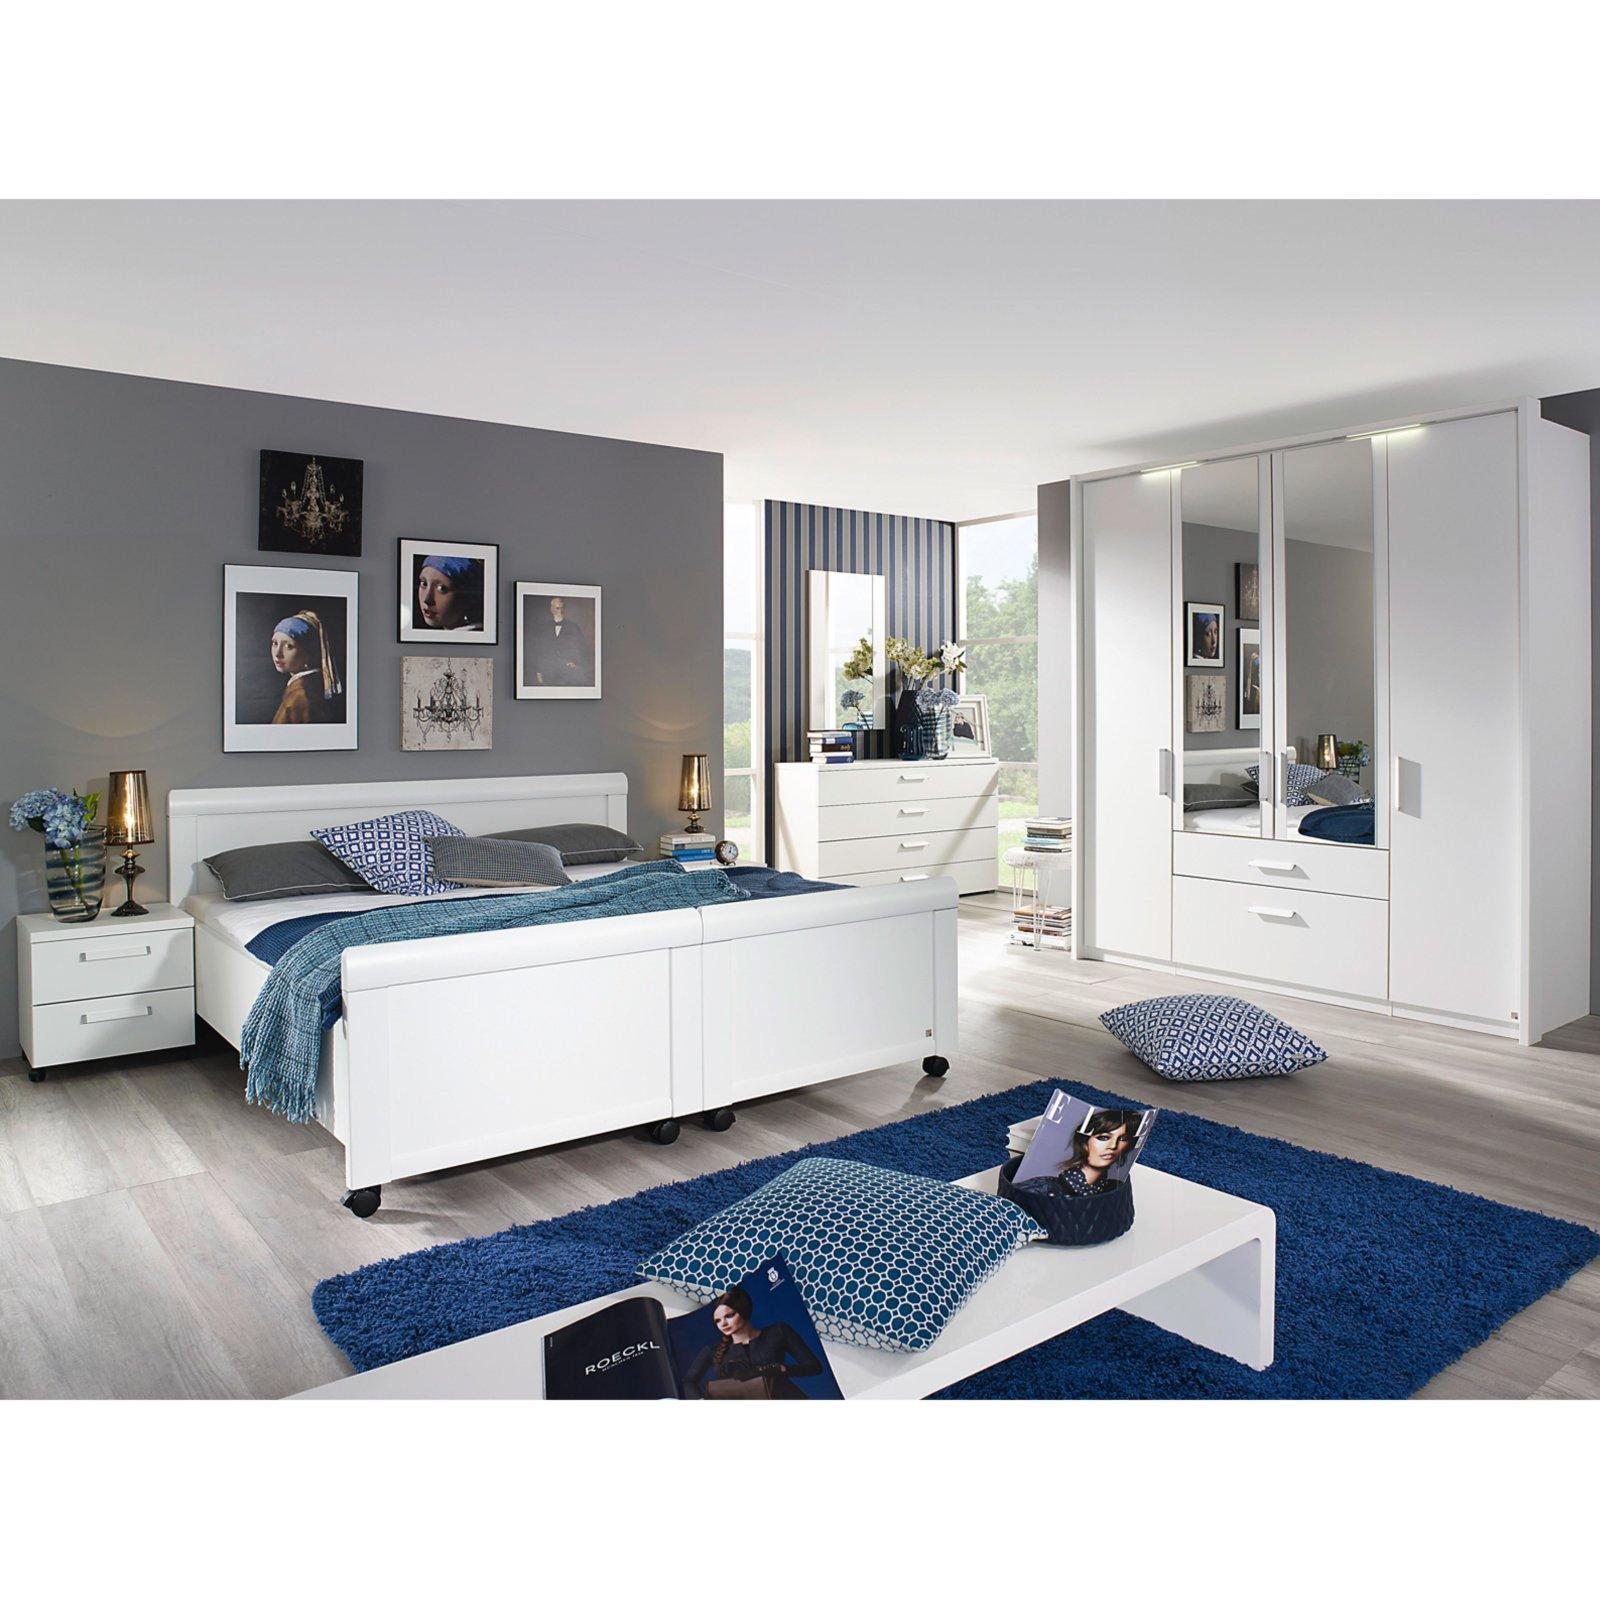 Schlafzimmer Set Bett 120x200. Schlafzimmer Komplett